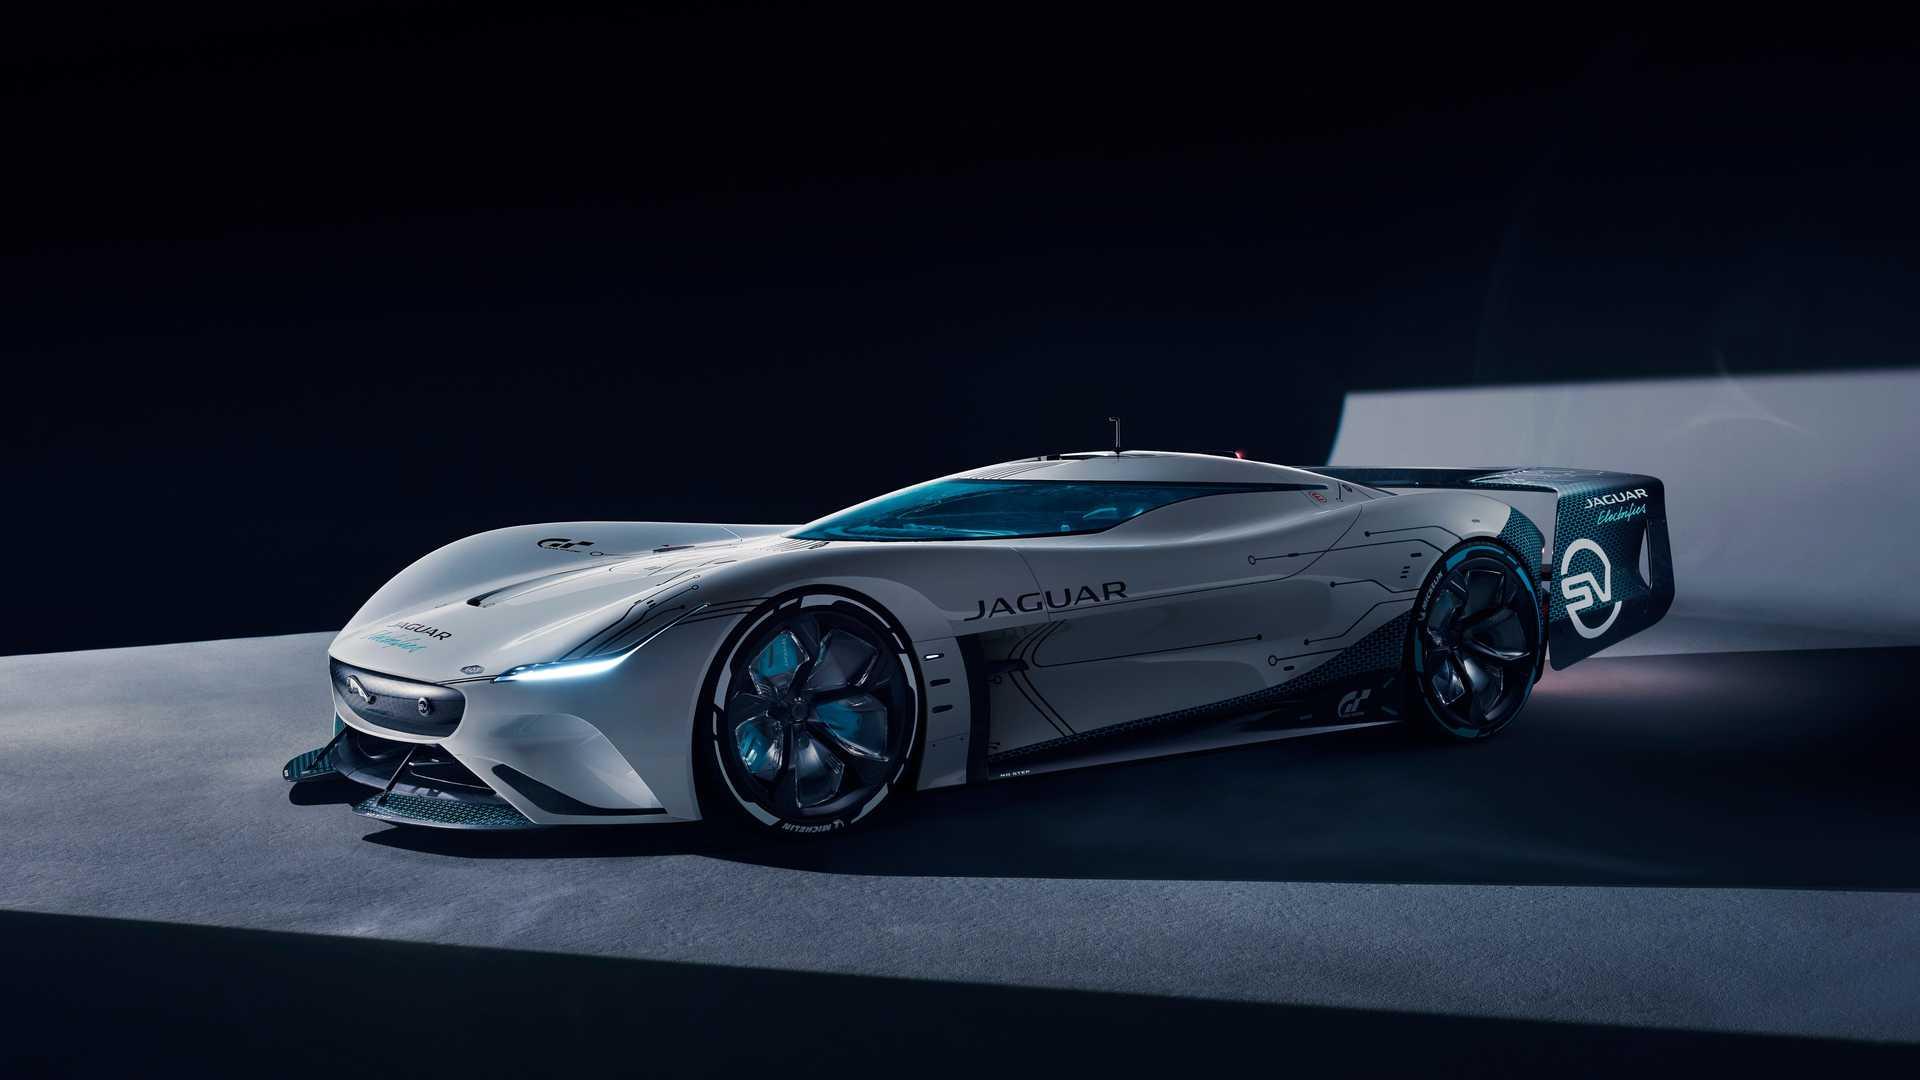 Представлен виртуальный гиперкар Jaguar: у него четыре электромотора мощностью 1903 силы